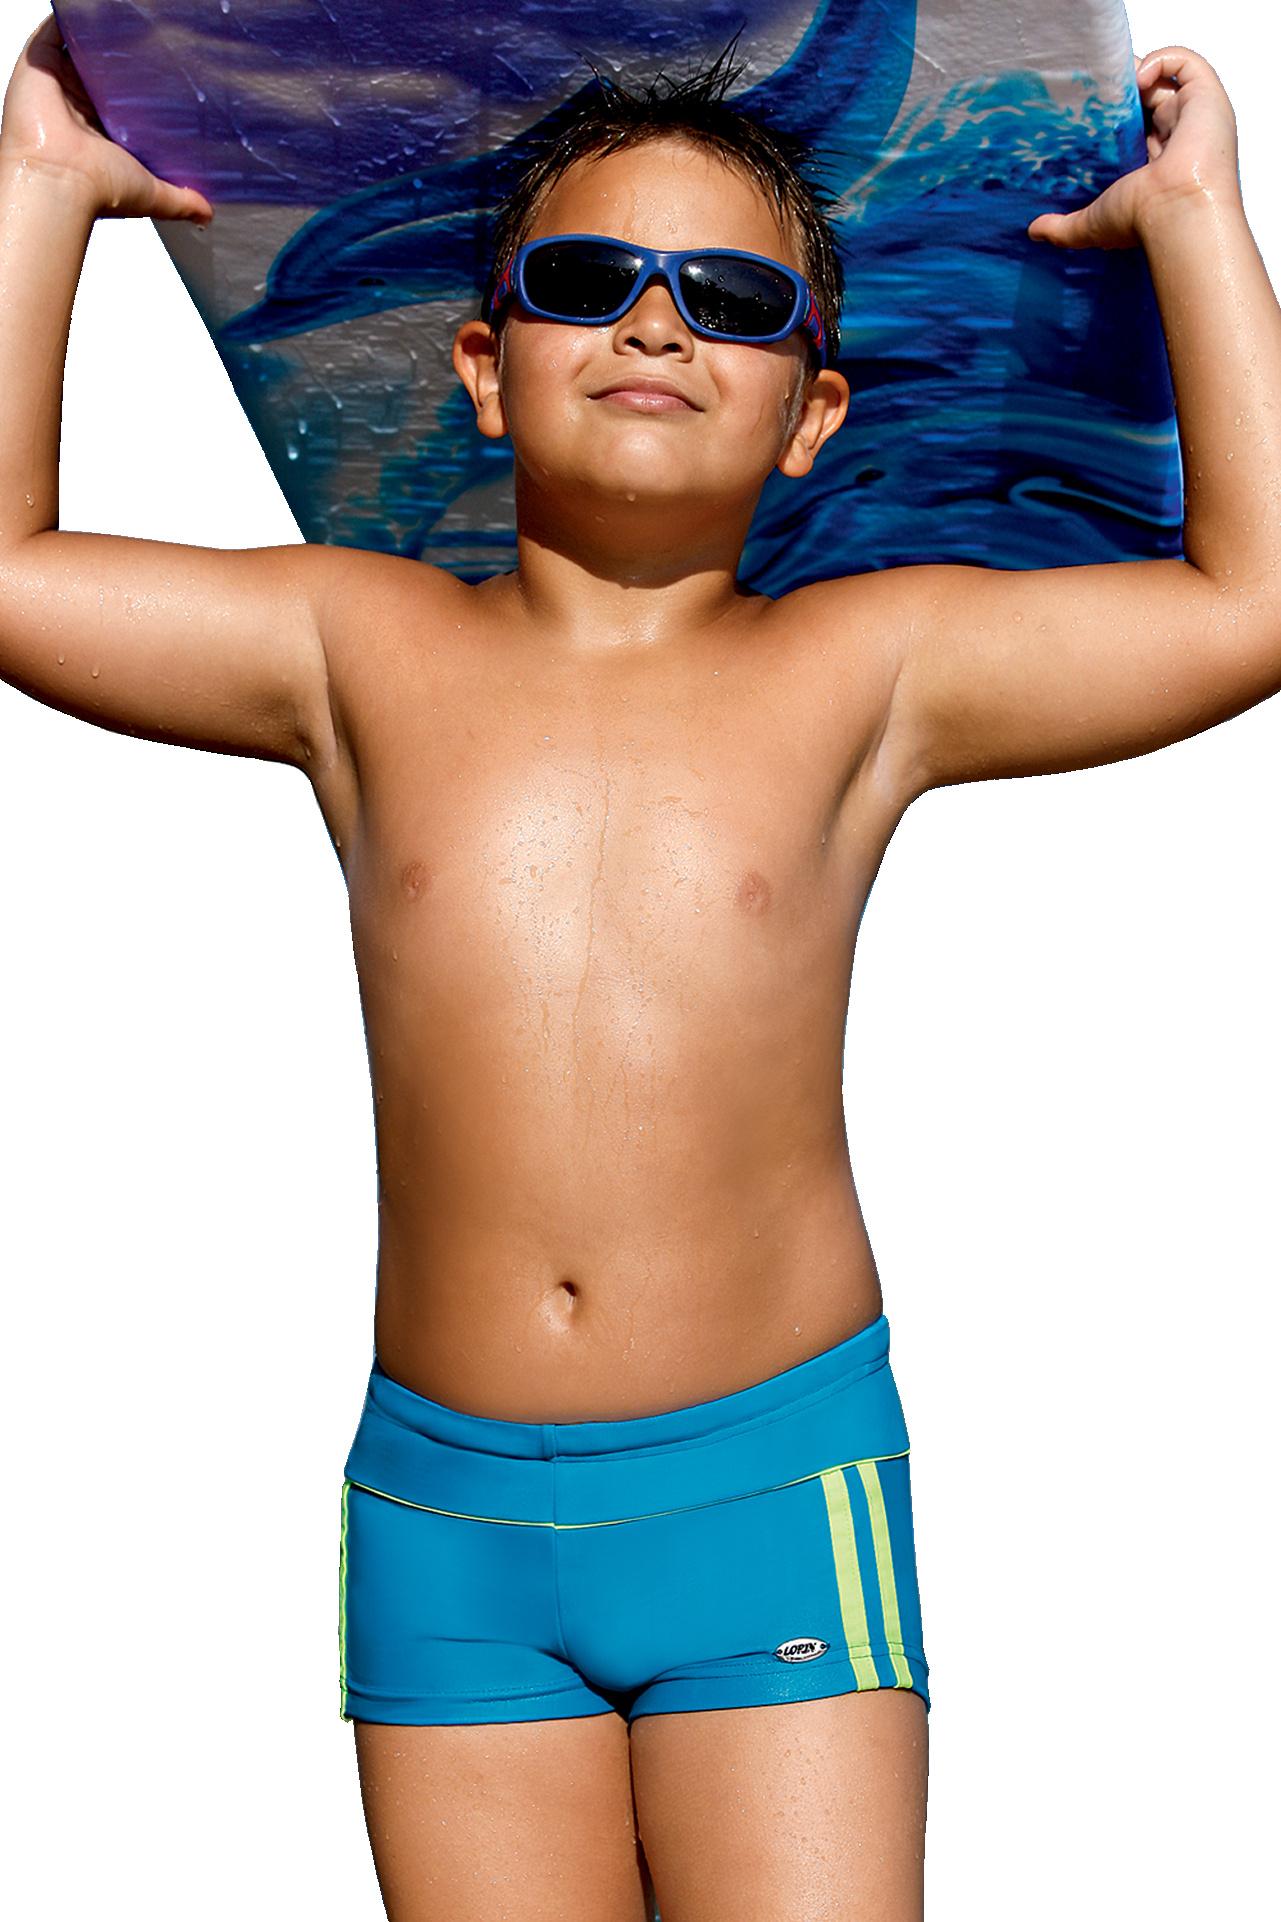 Plavky chlapecké Jirka modré